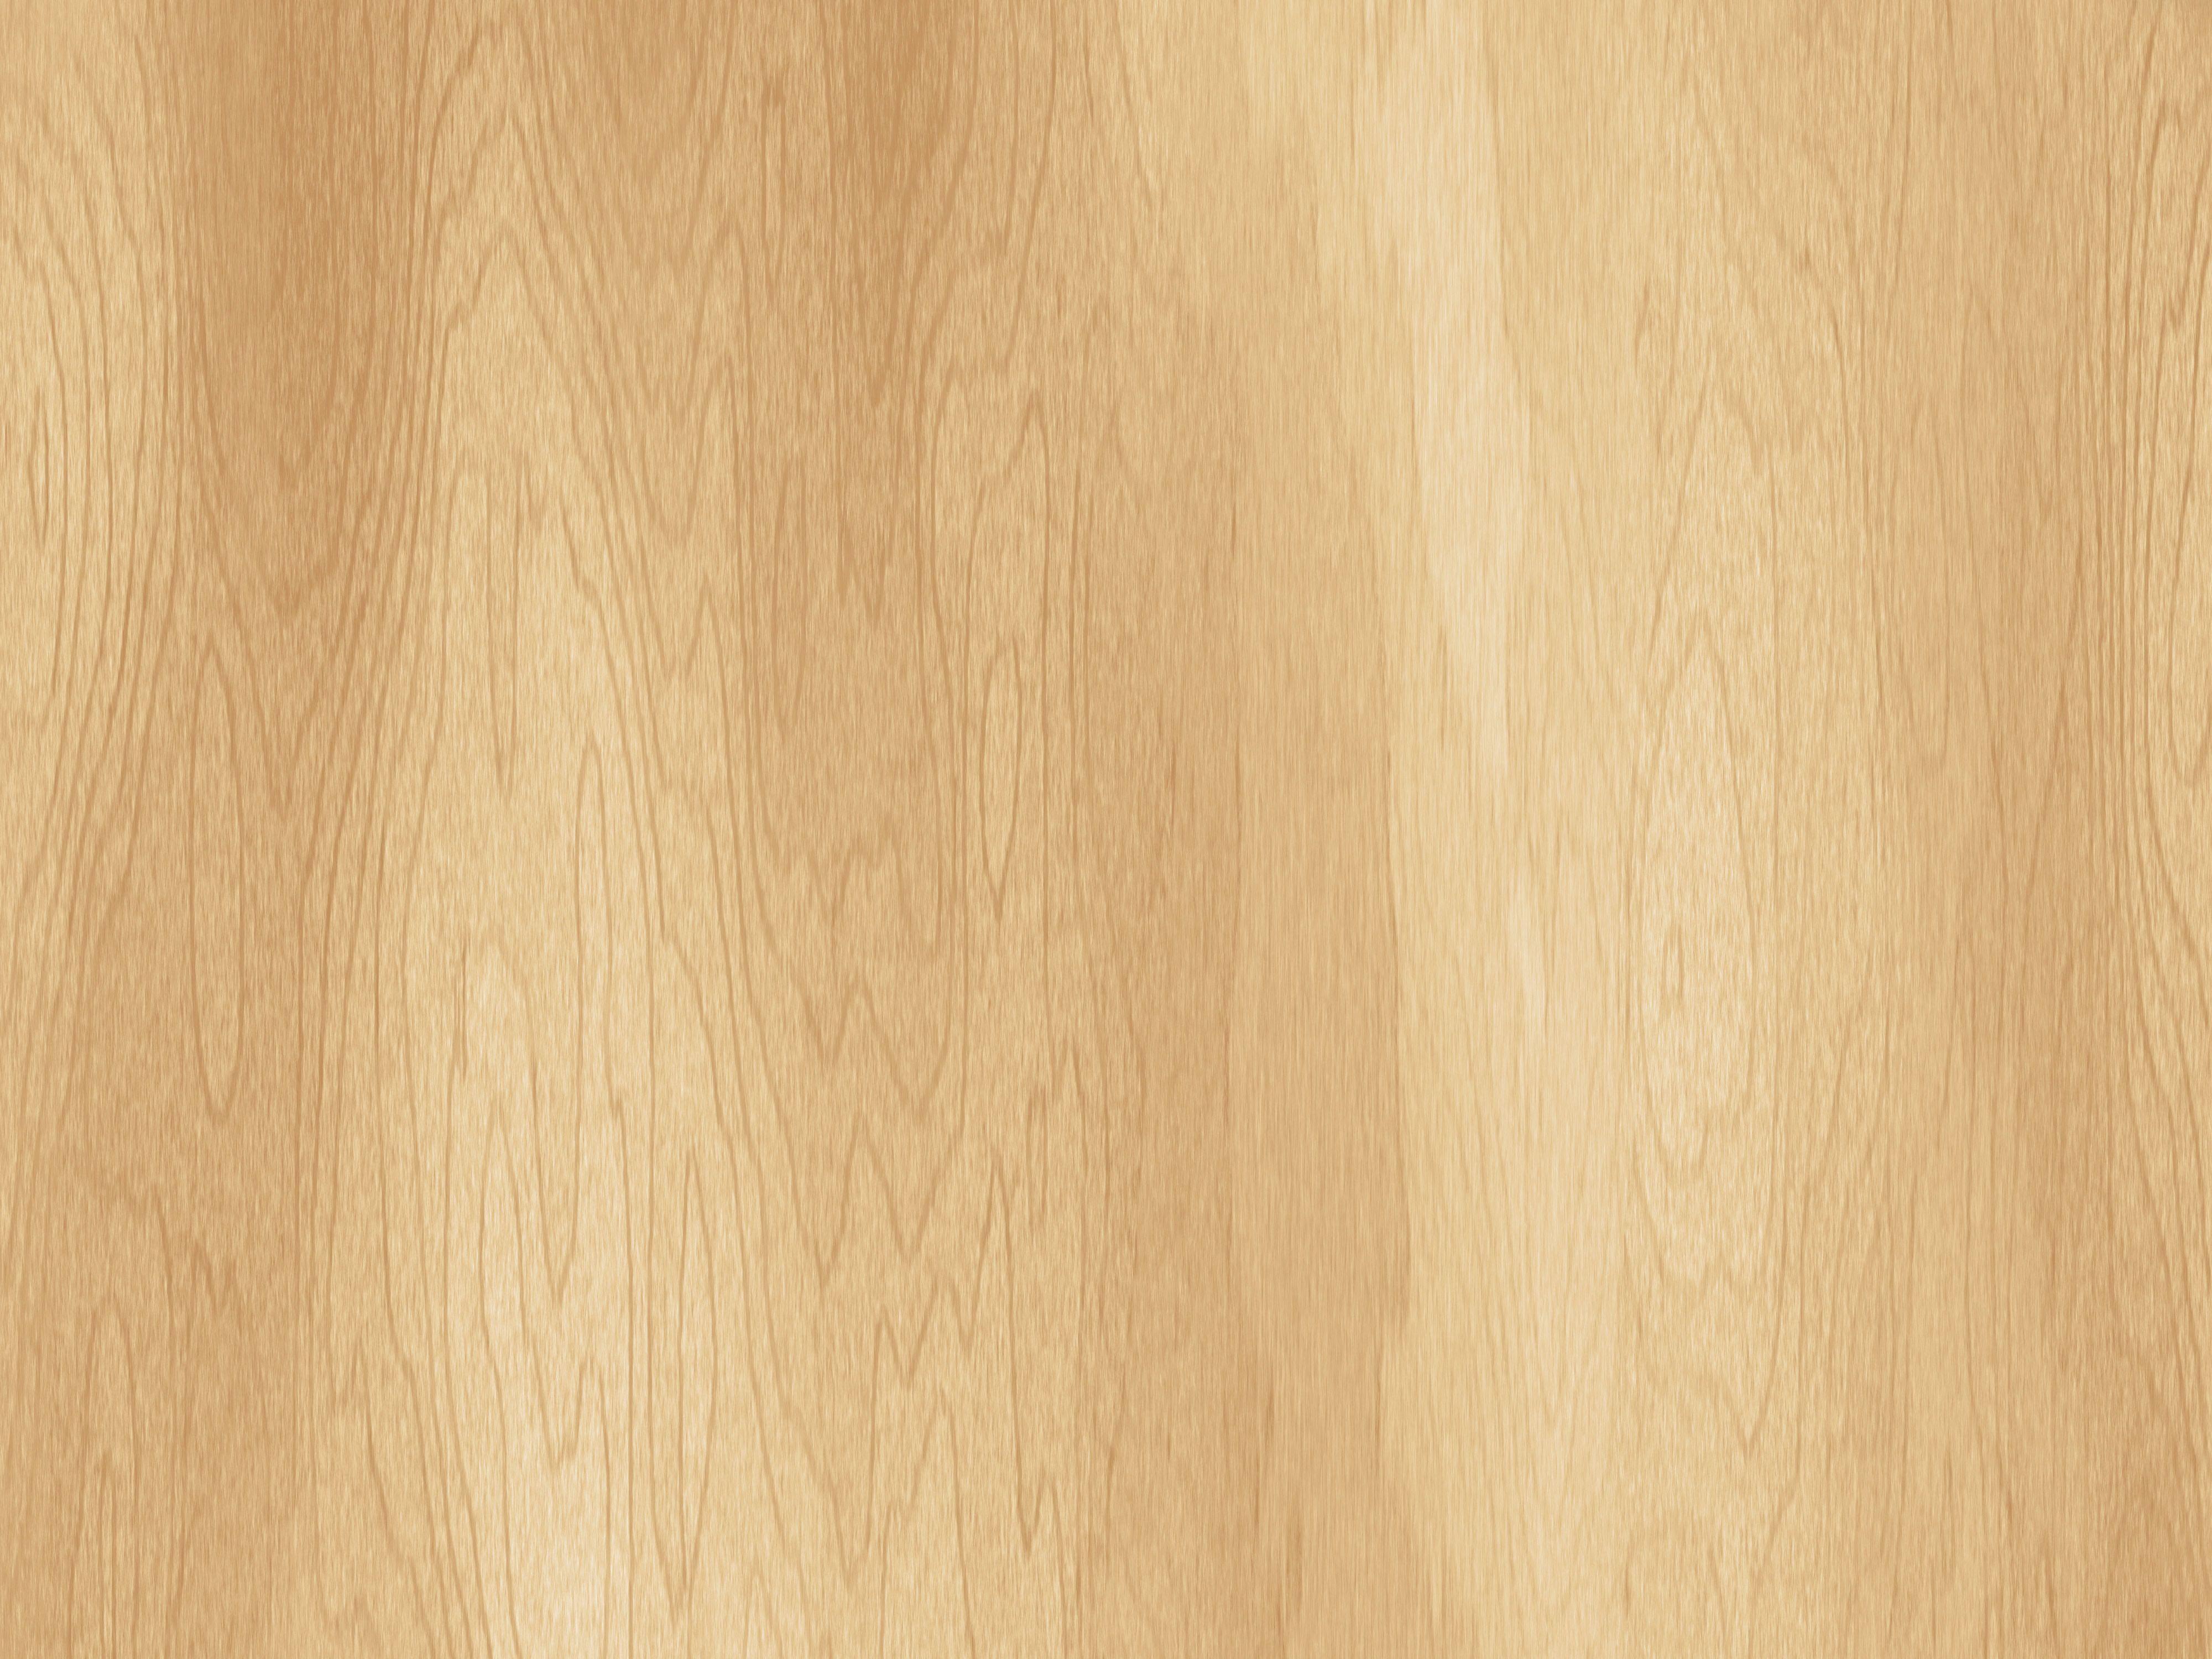 Wood furniture texture - Tiles Textures Light Wood Recherche Google